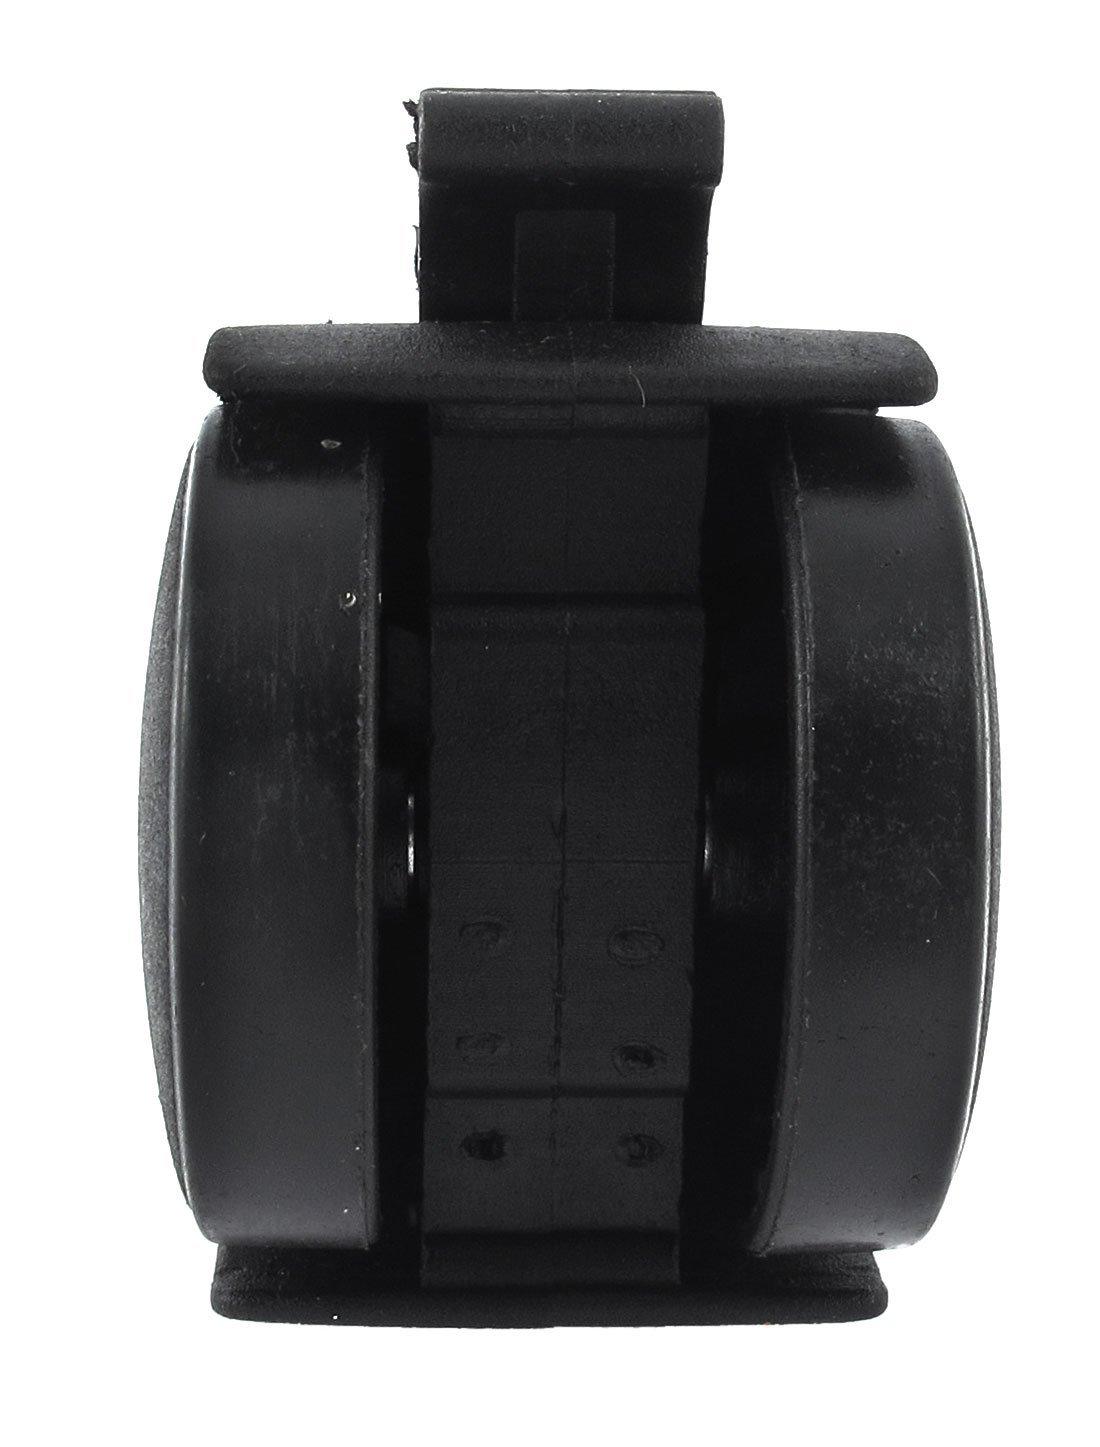 eDealMax 1.5 Doble rueda de M8x15mm roscada del vástago de Freno ruedas giratorias de Nylon 8pcs: Amazon.com: Industrial & Scientific